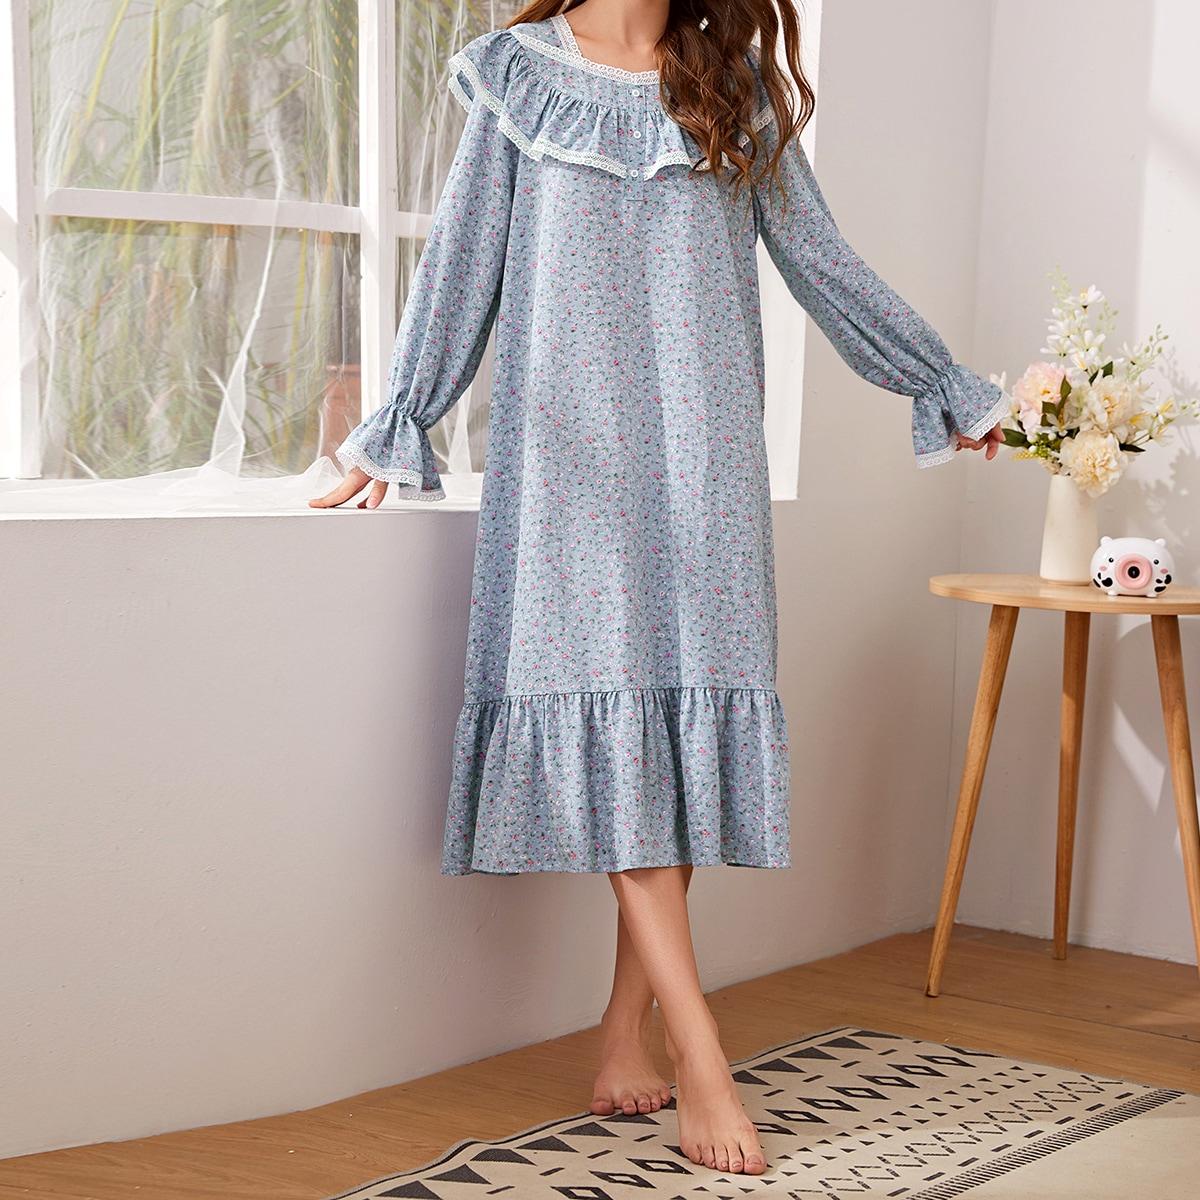 SHEIN / Nachtkleid mit Knöpfen vorn, Spitzen und Gänseblümchen Muster